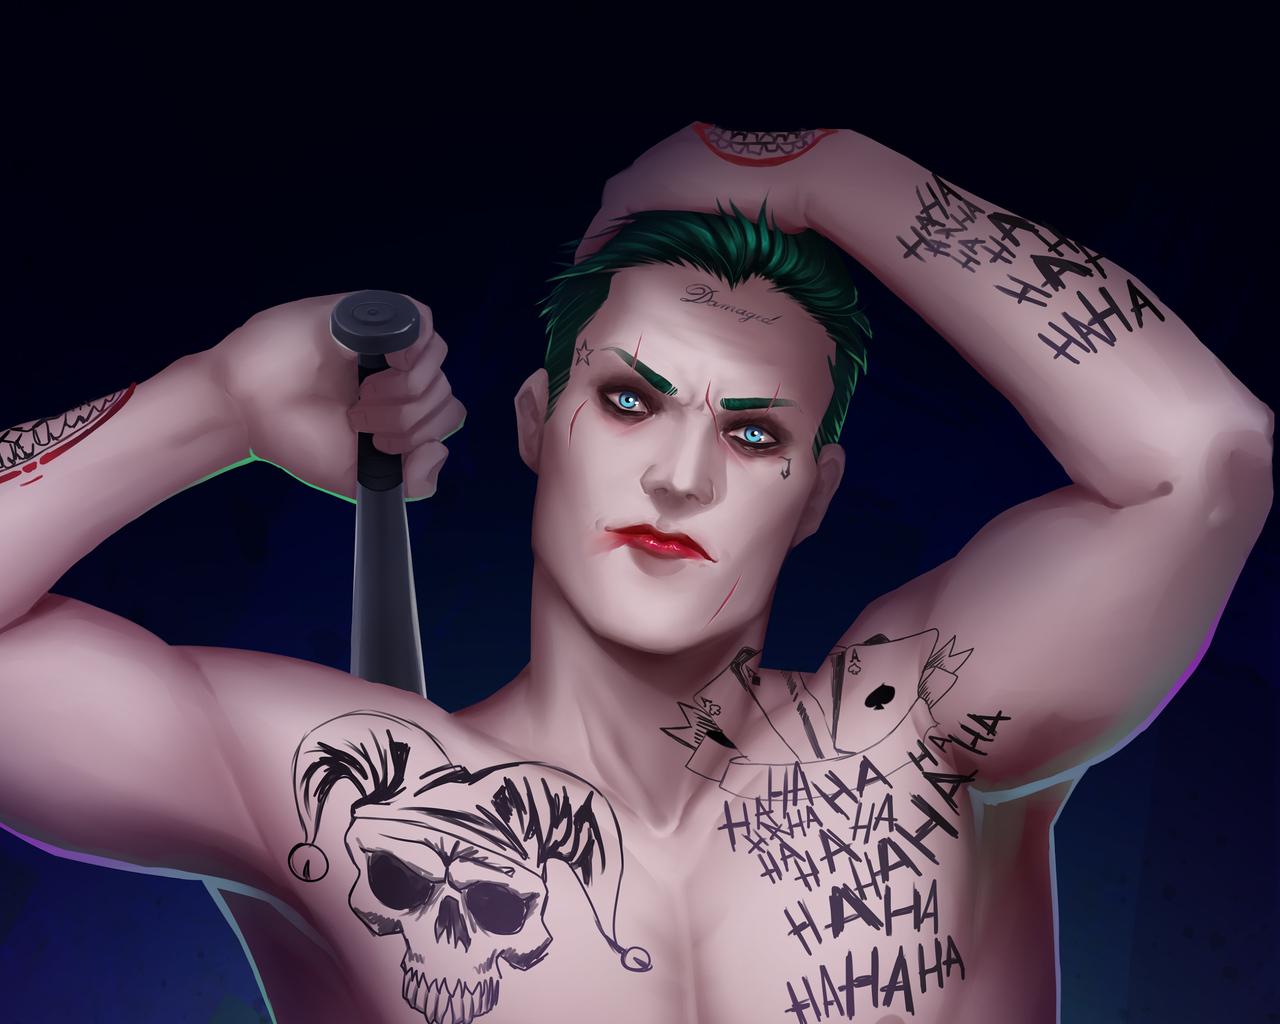 joker-digital-artwork-4k-rn.jpg